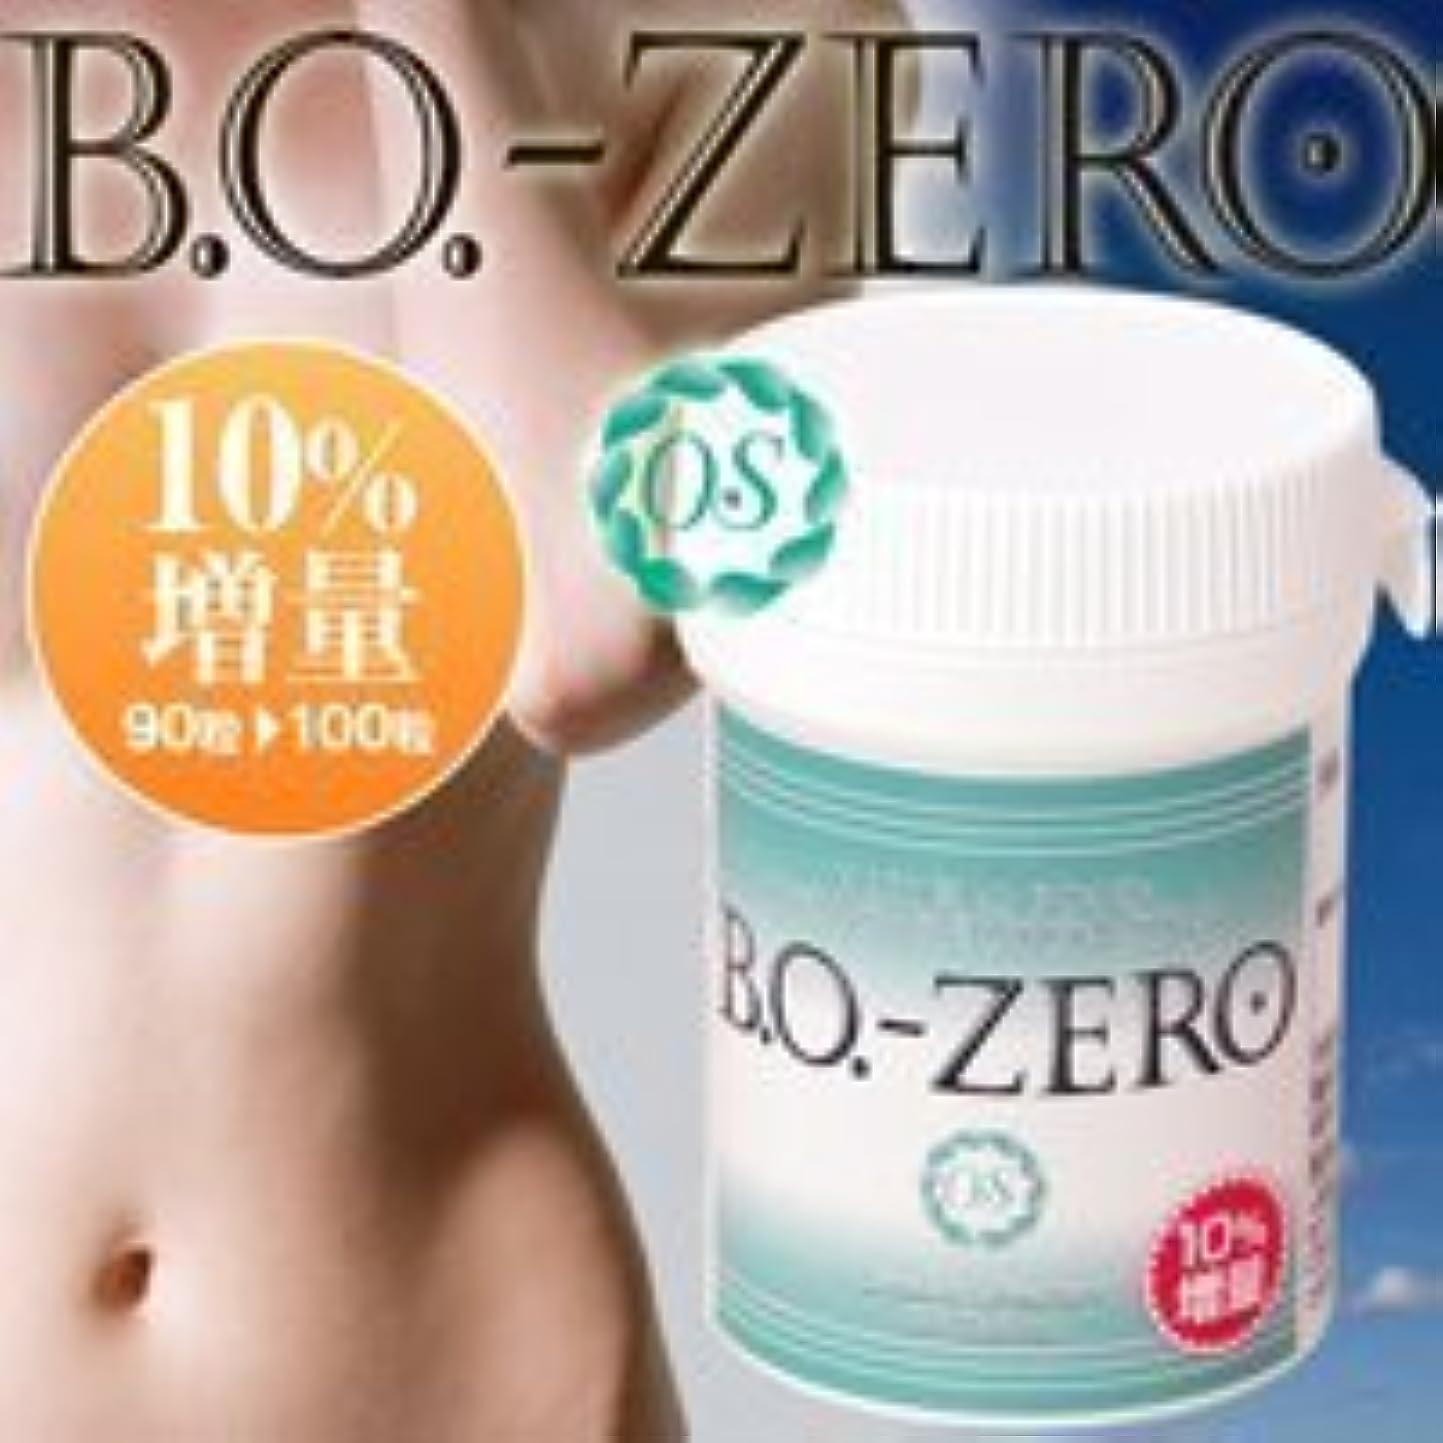 仕事クリップ蝶人差し指BO ZERO (ビーオー ゼロ) 10%増量×2個セット?  体臭 口臭 汗臭 ワキガ などの対策に